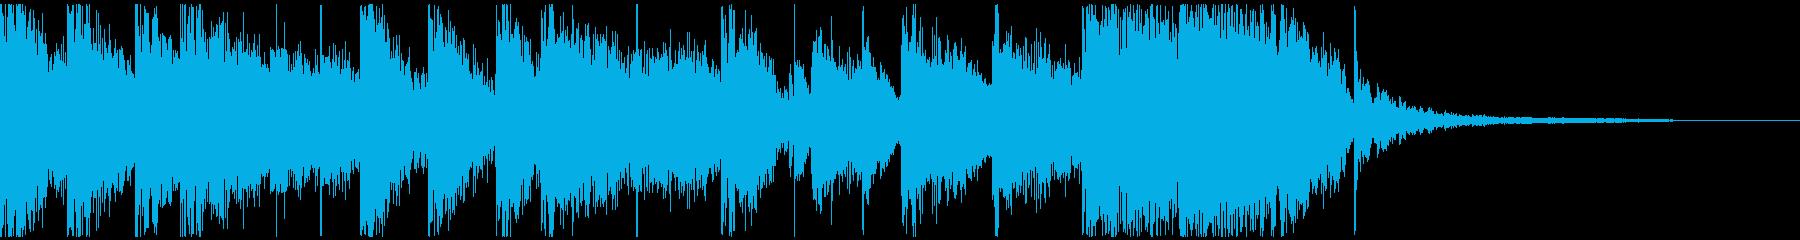 和風EDMキャッチ/ロゴ【ポチ③】の再生済みの波形